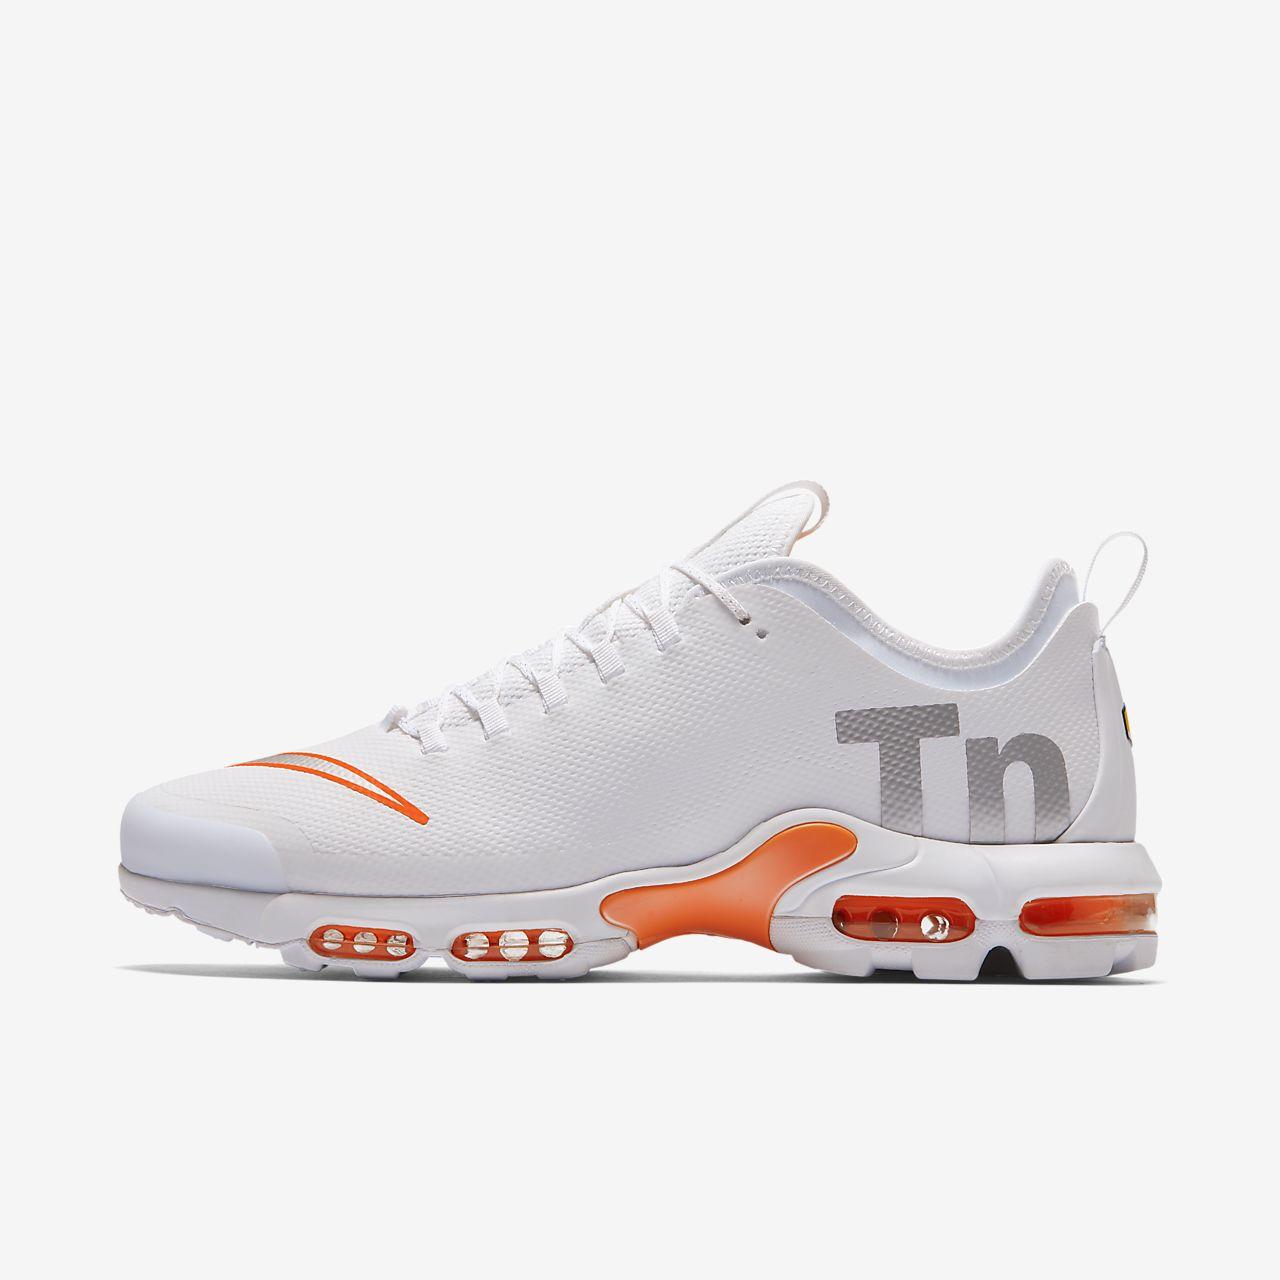 chaussures nike air max plus